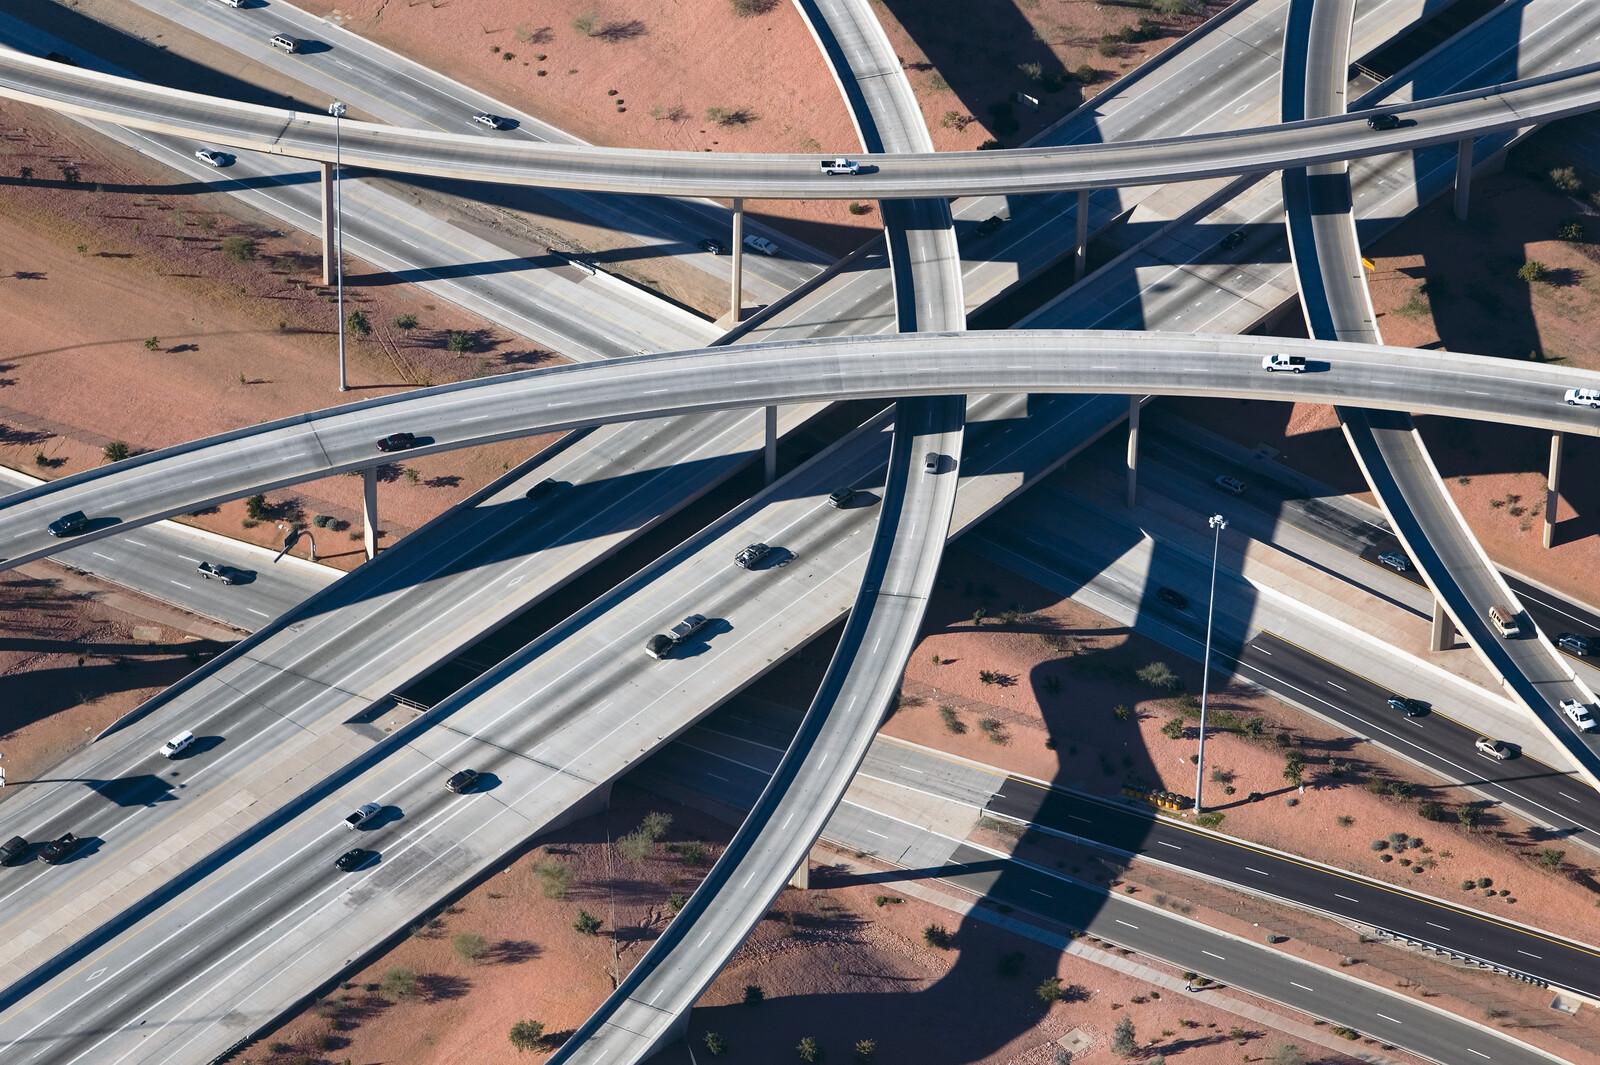 Crisscrossed Highway interchange, Phoenix, Arizona - Alex Maclean